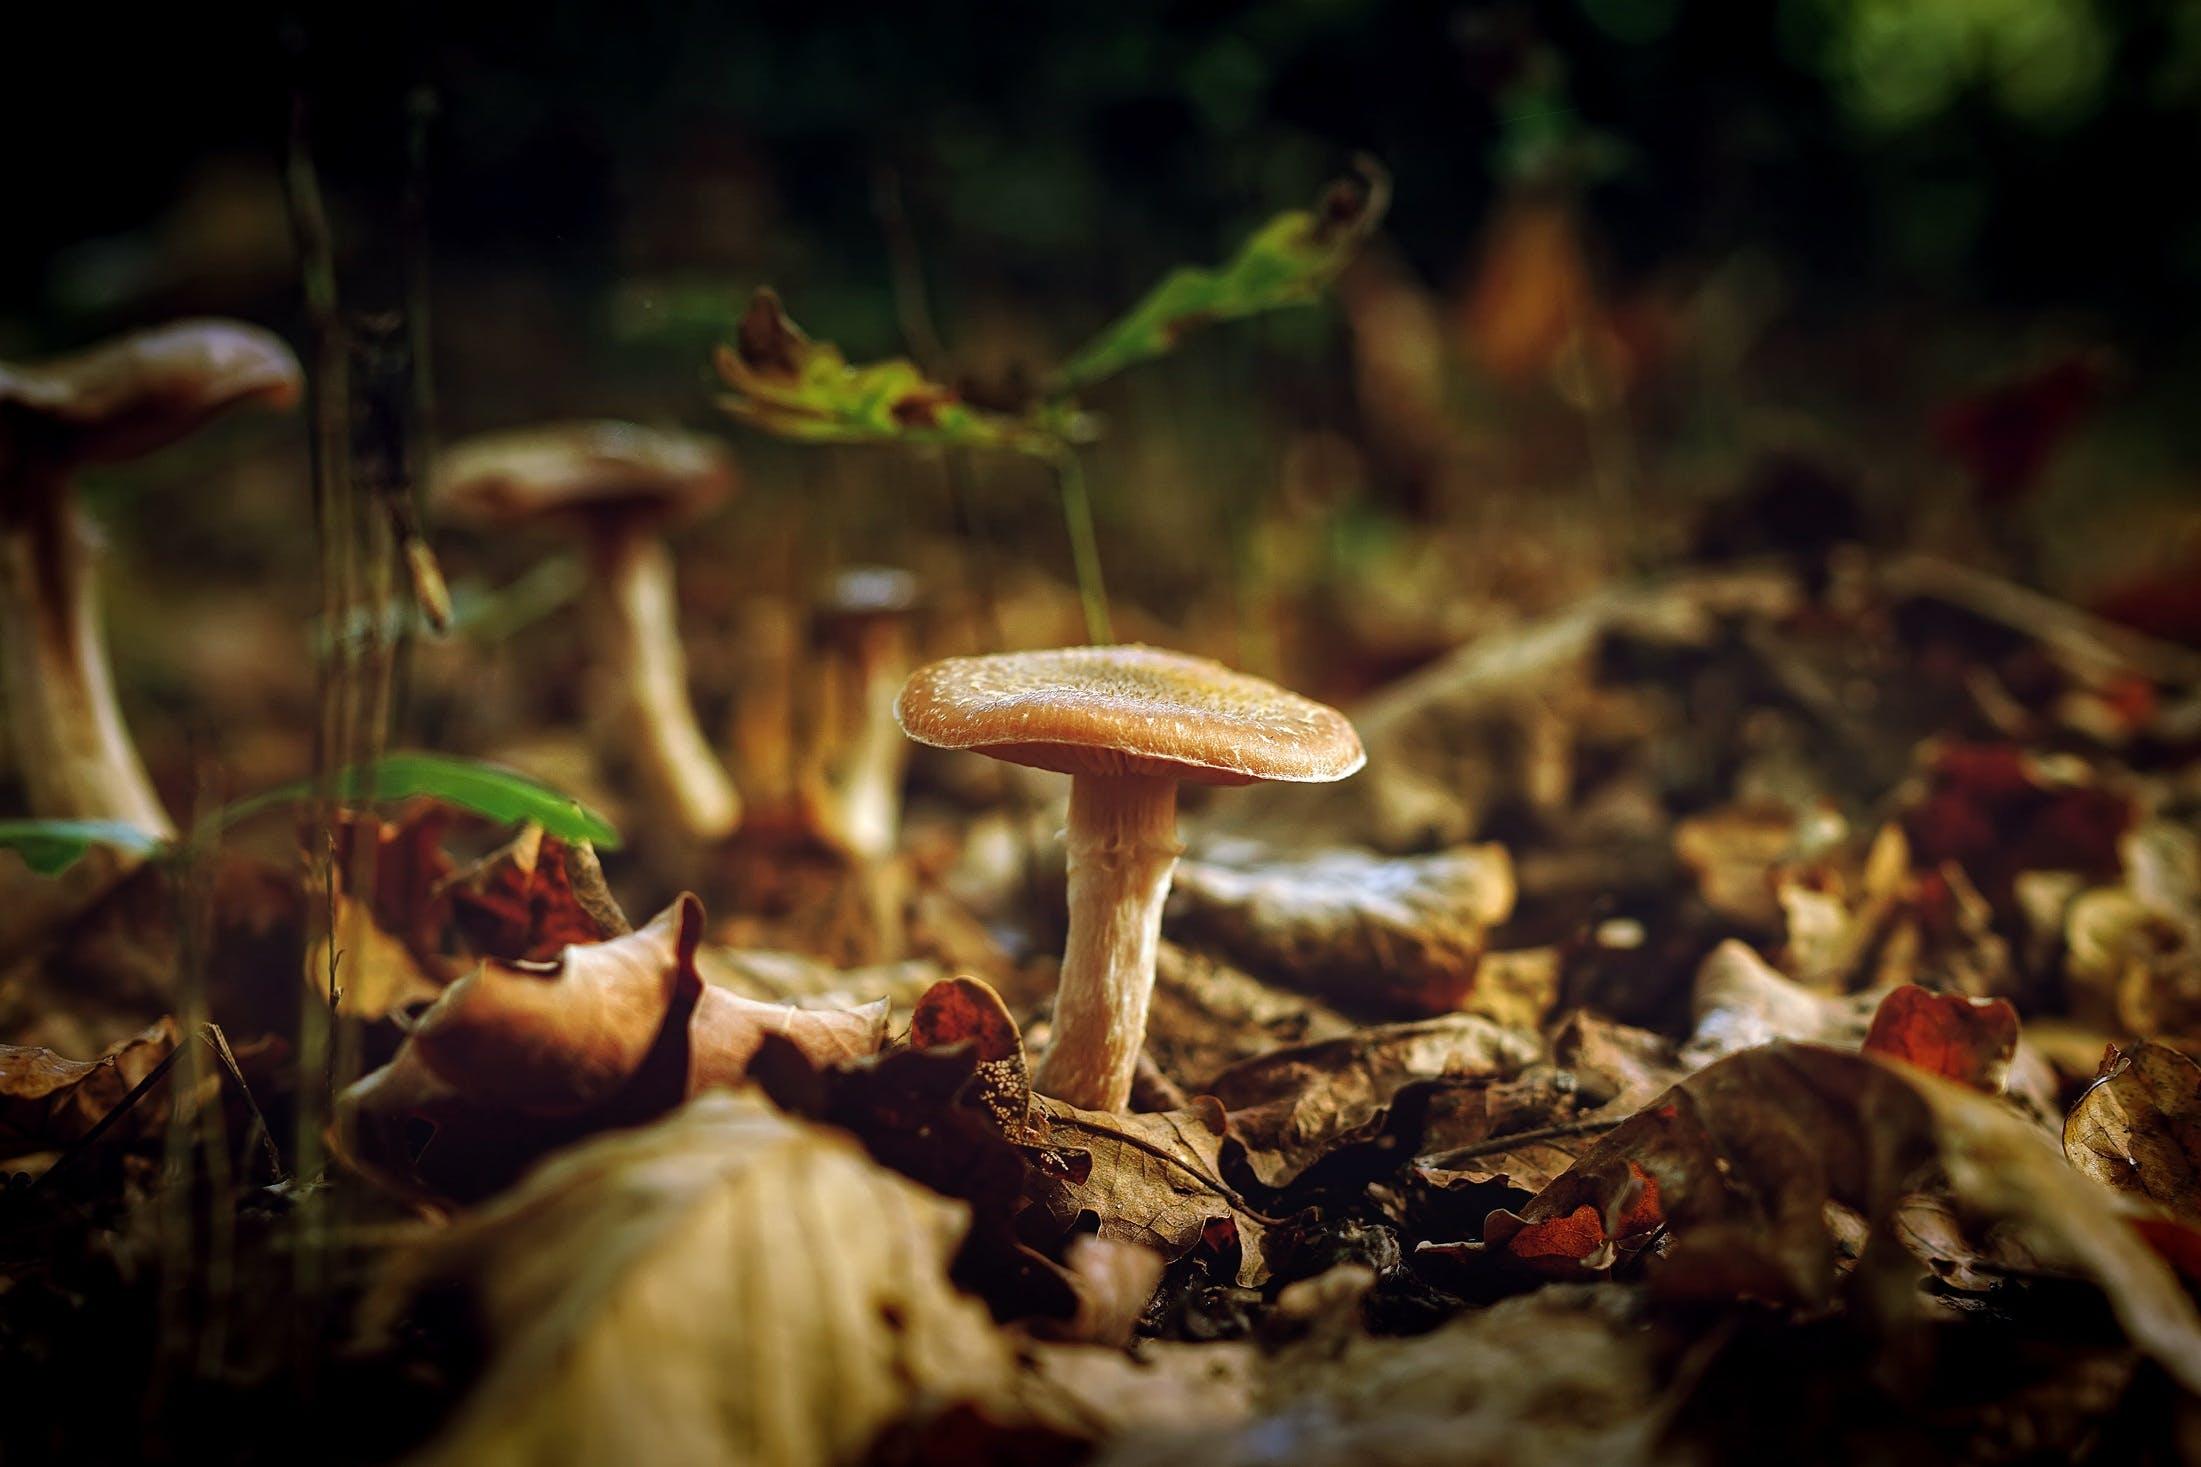 dry leaves, fallen leaves, fungus